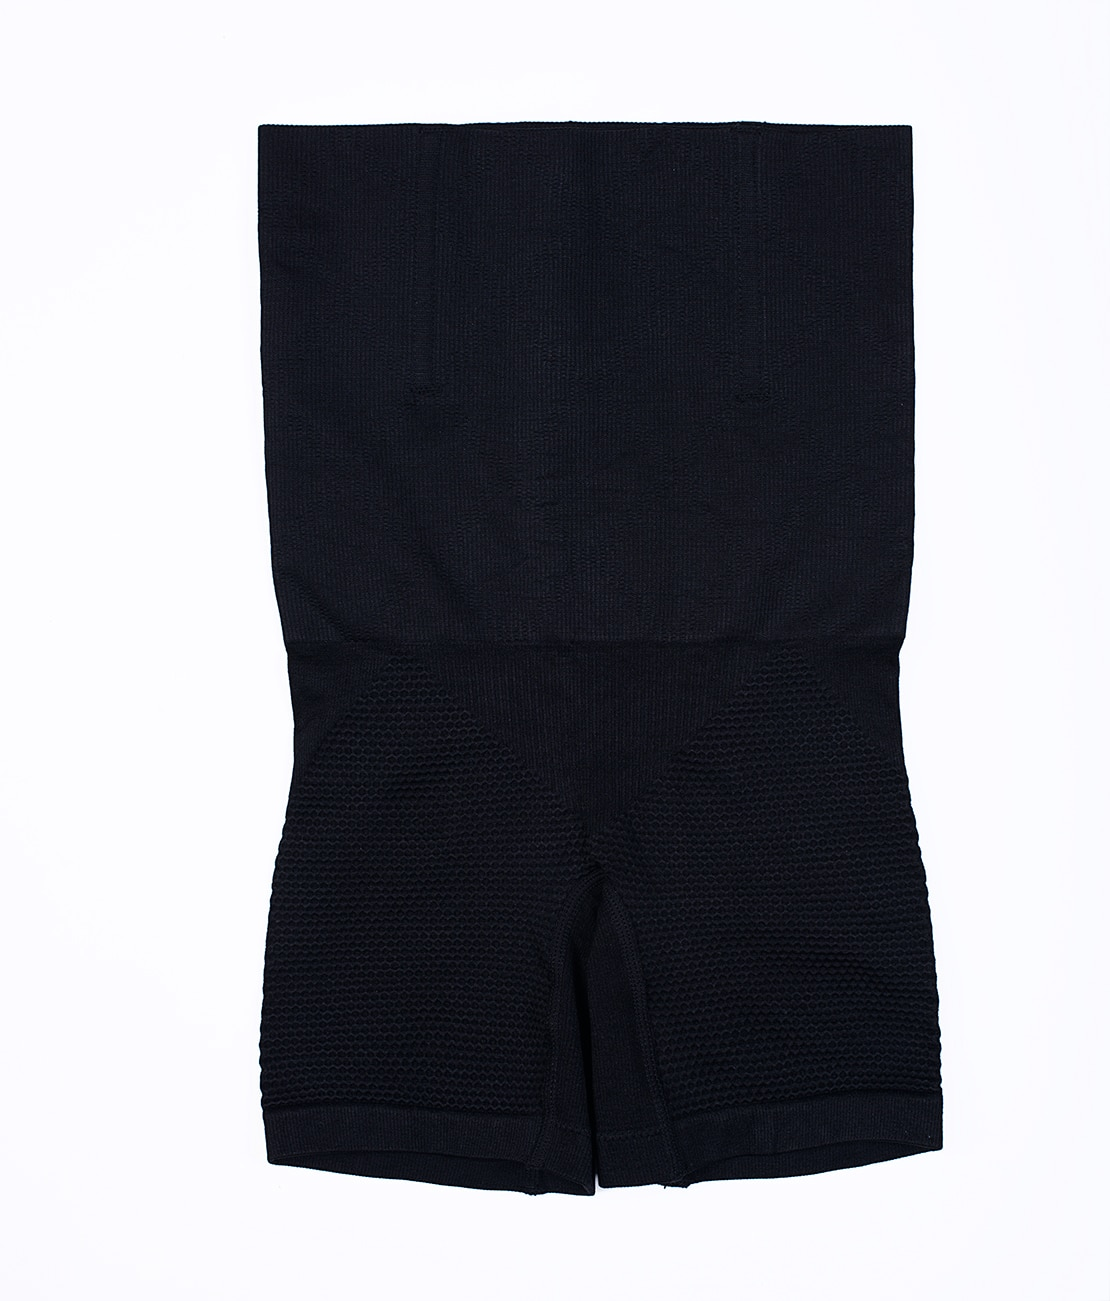 Panty Nid d'abeille Noir Packshot Front